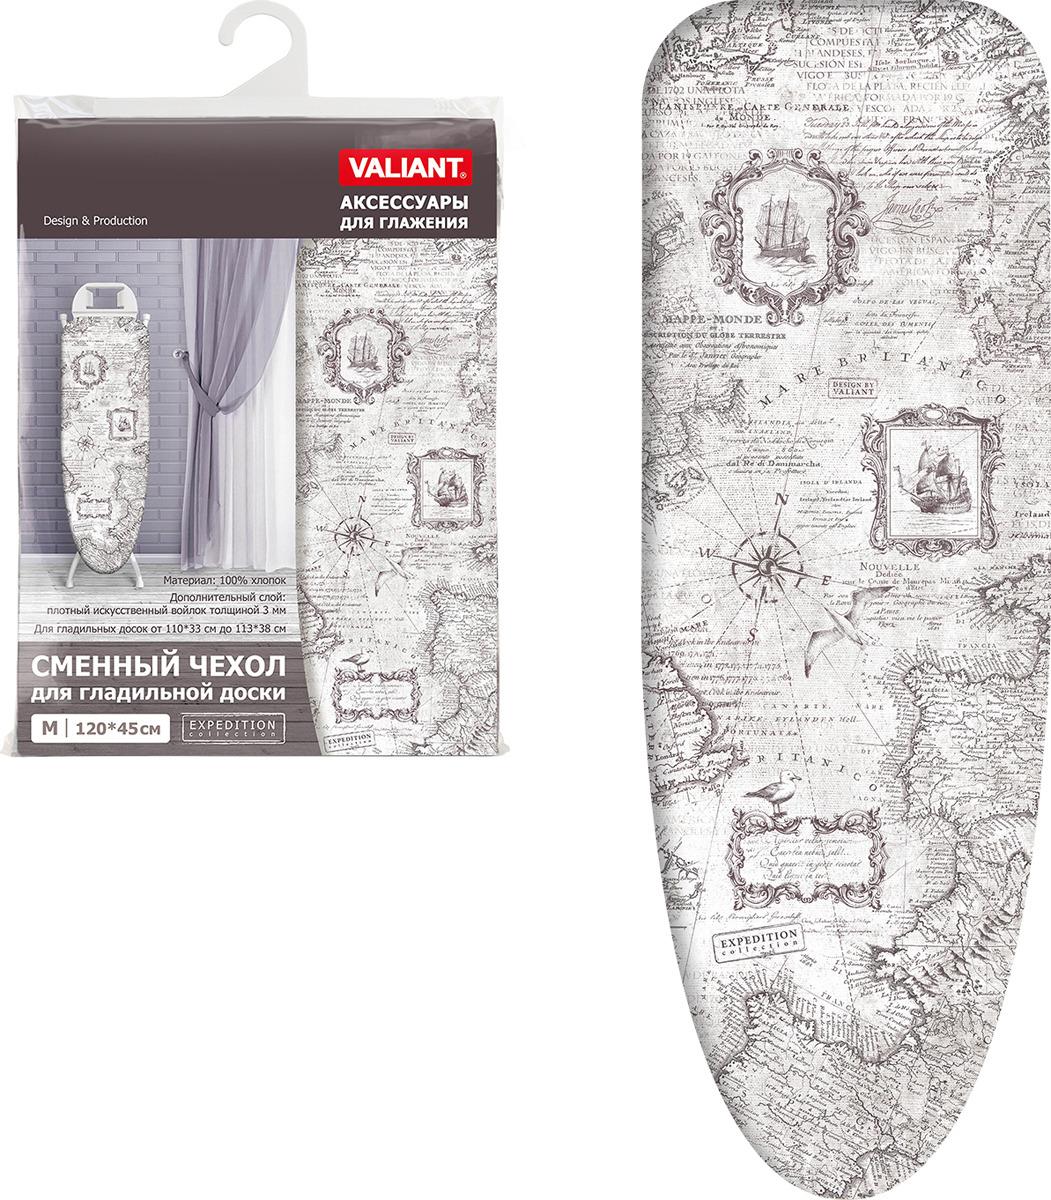 Чехол для гладильной доски Valiant Expedition, цвет: светло-серый, 120 х 45 см цена